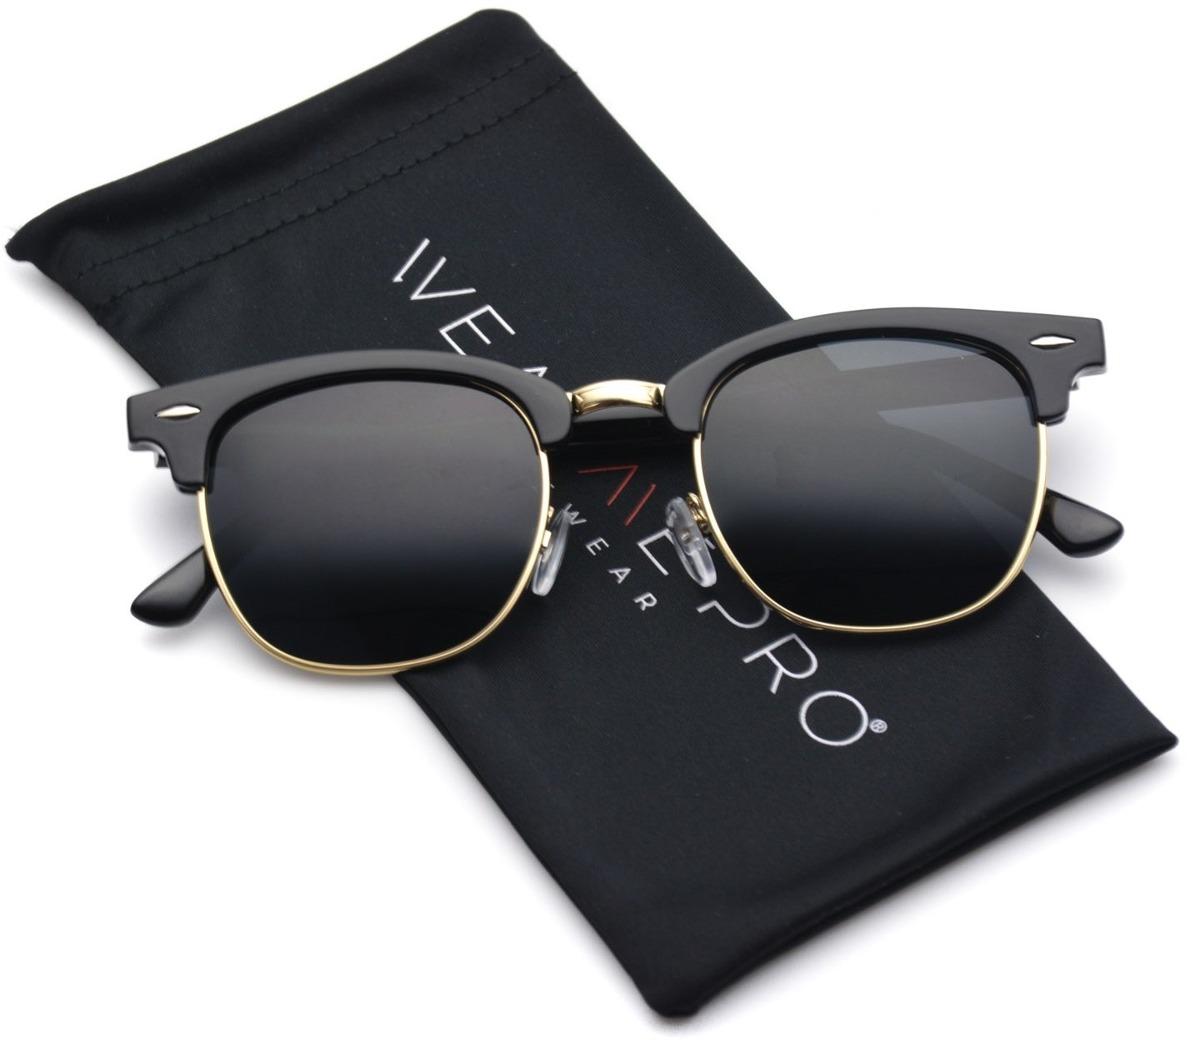 Wearme Pro - Gafas De Sol Con Montura Semi-sin Montura Y Se ...